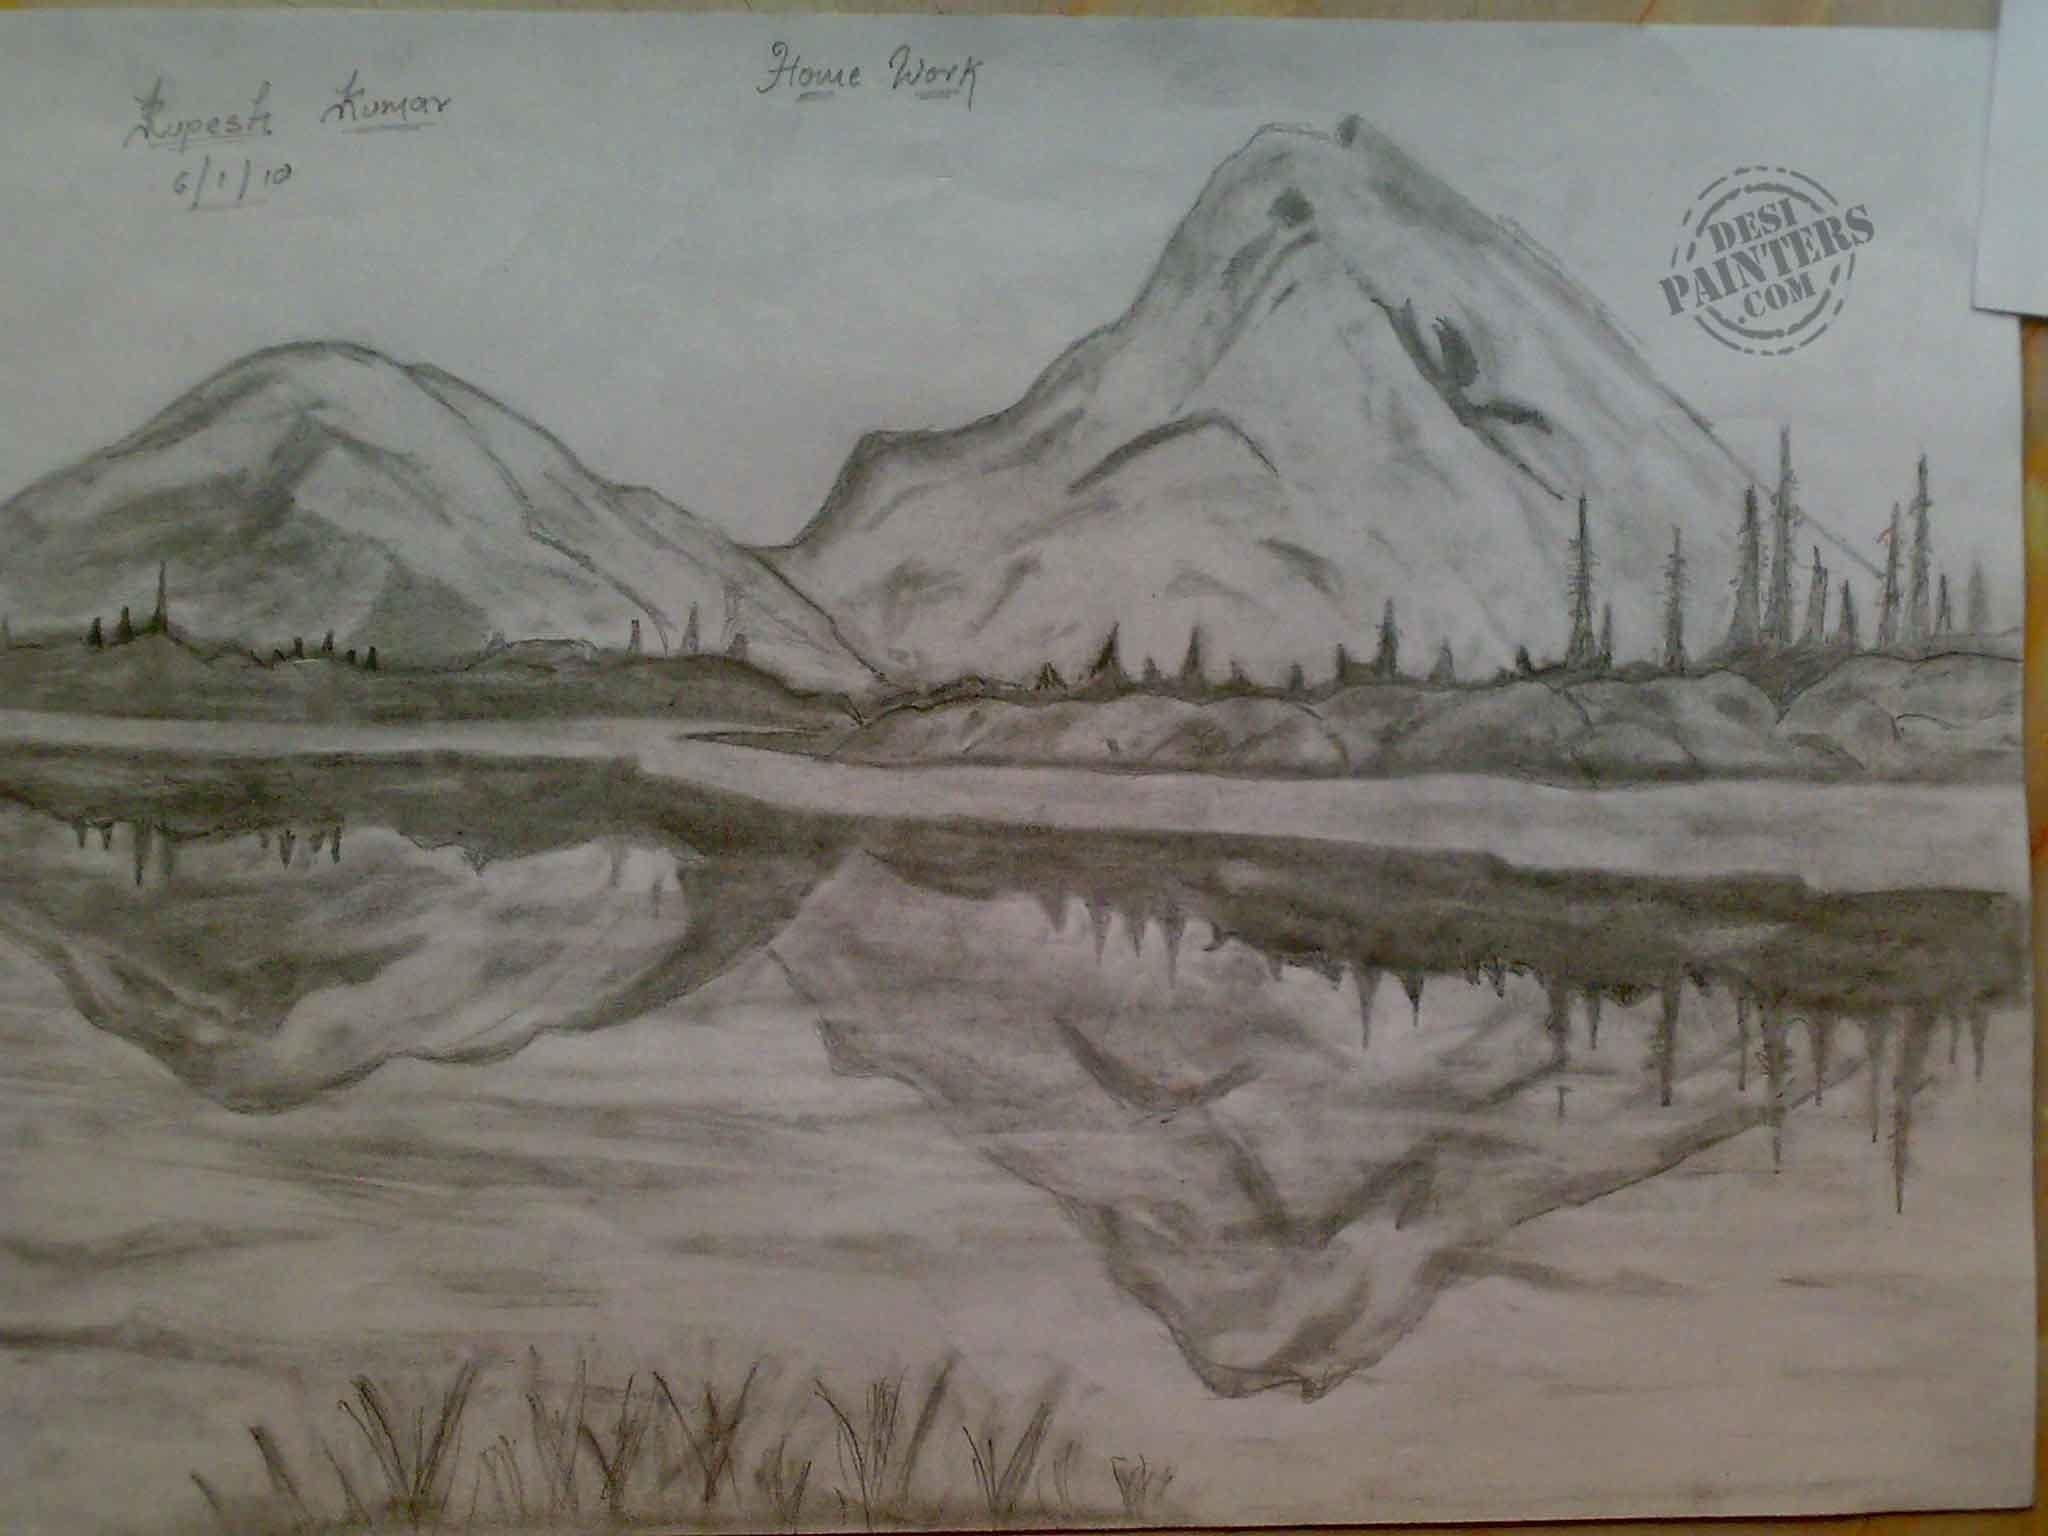 Pencil Sketch Art Designs Photos - Pencil Sketches Of Sceneries - HD Wallpaper